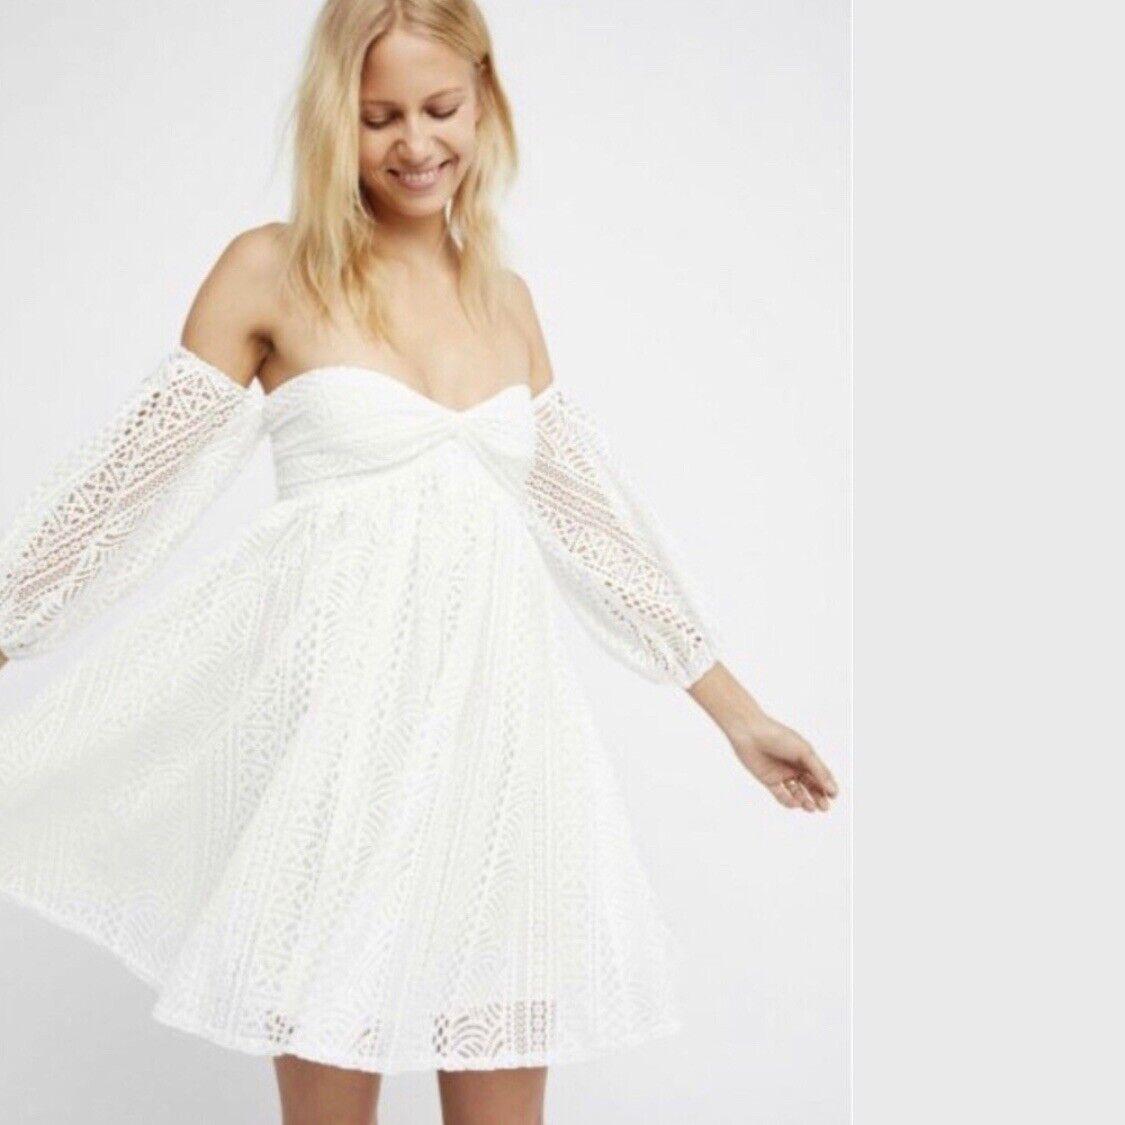 Free People Weiß Emmy Lou Mini Dress Xsmall XS  New NWT